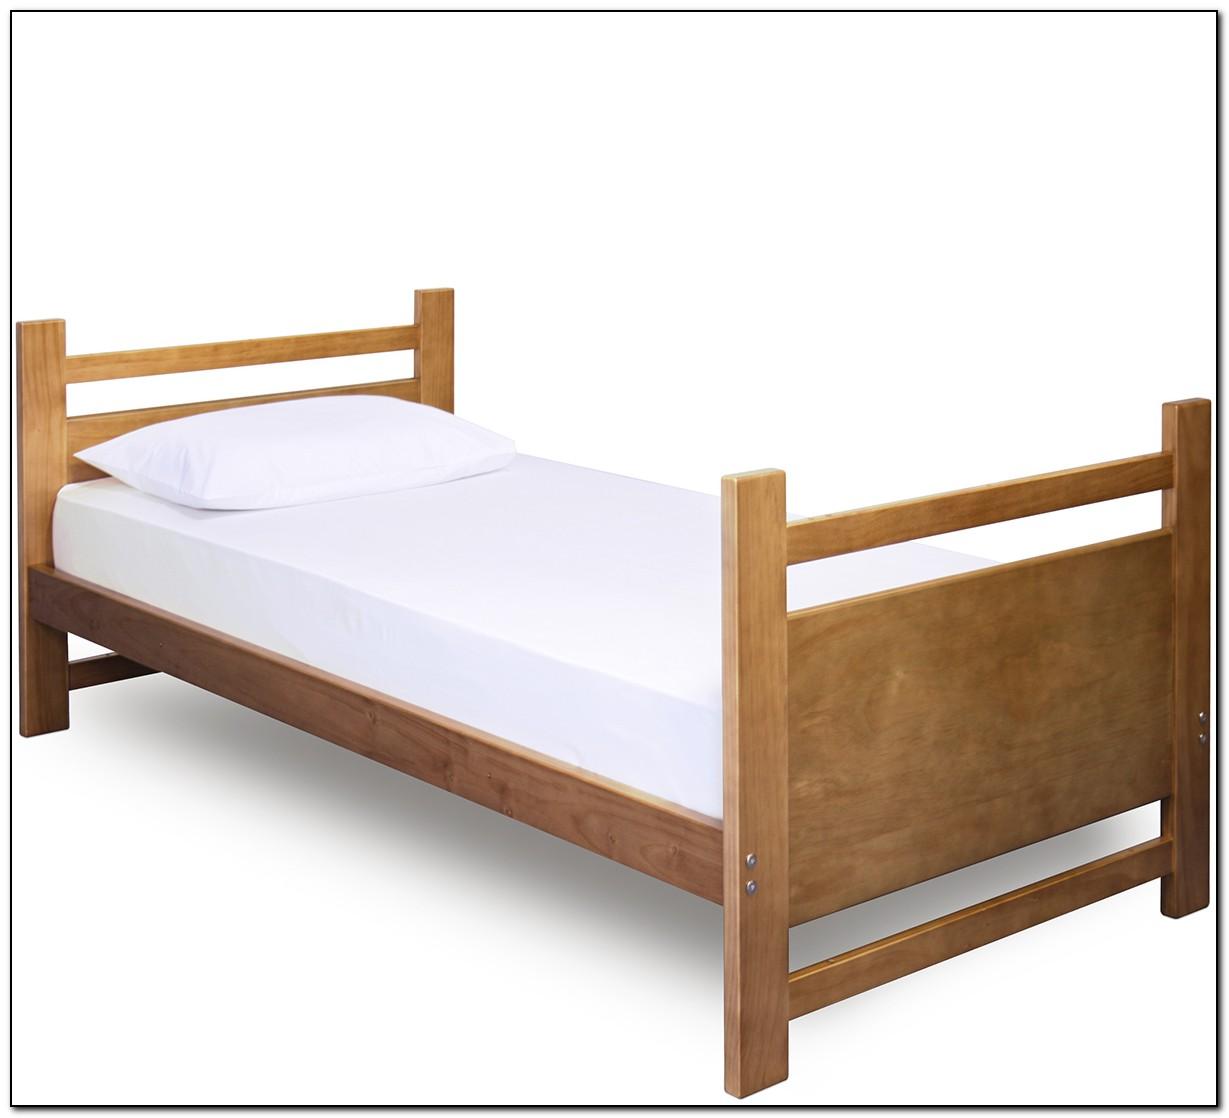 Single Bed Size Australia Beds Home Design Ideas God65qvn4l8866